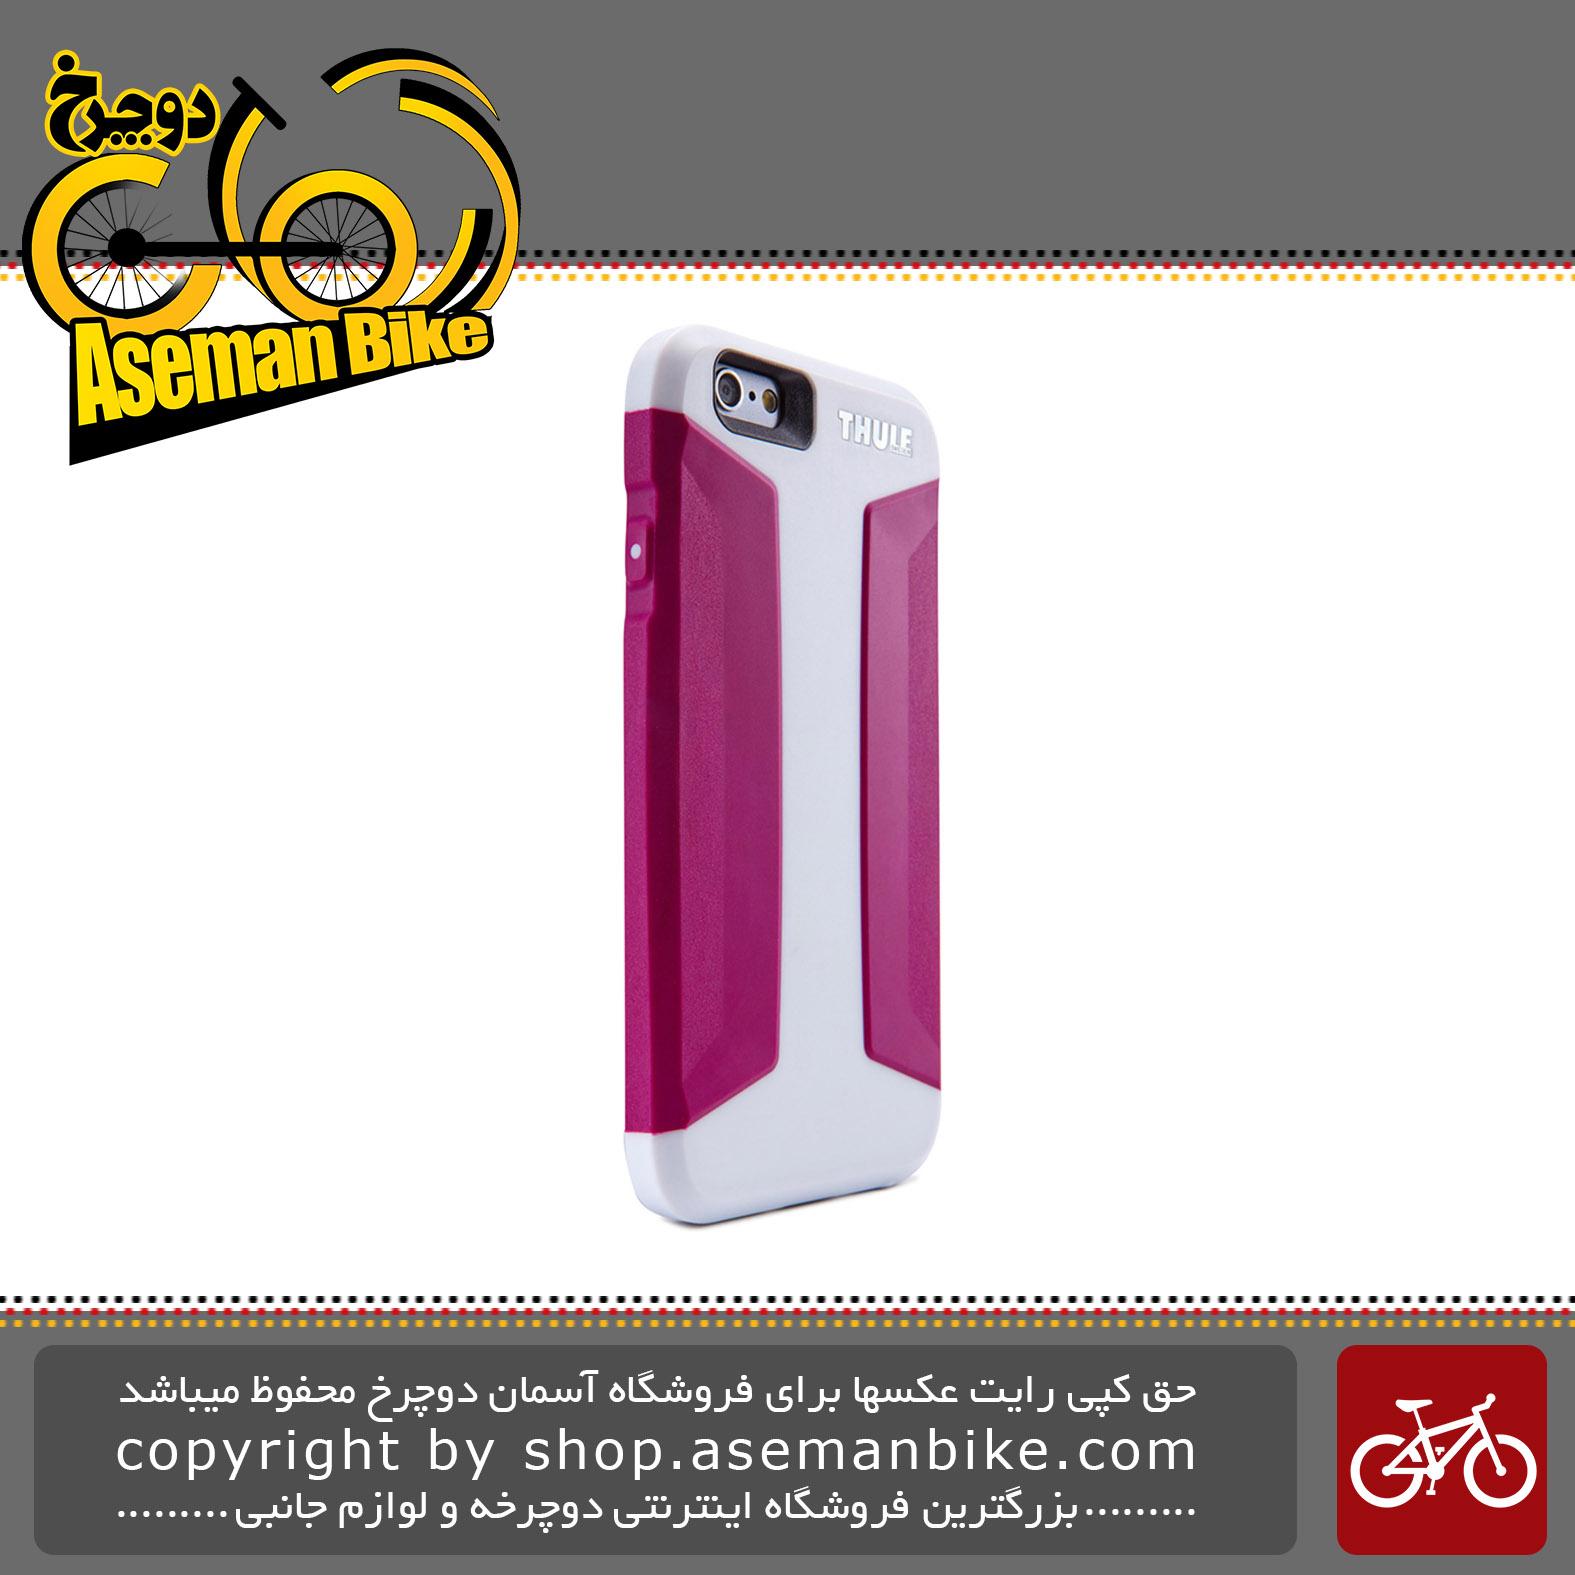 قاب آیفون ۶ /آیفون ۶ اس اپل اتموس ایکس ۳ تول سفید بنفش Thule Atmos X3 iPhone 6/iPhone 6s